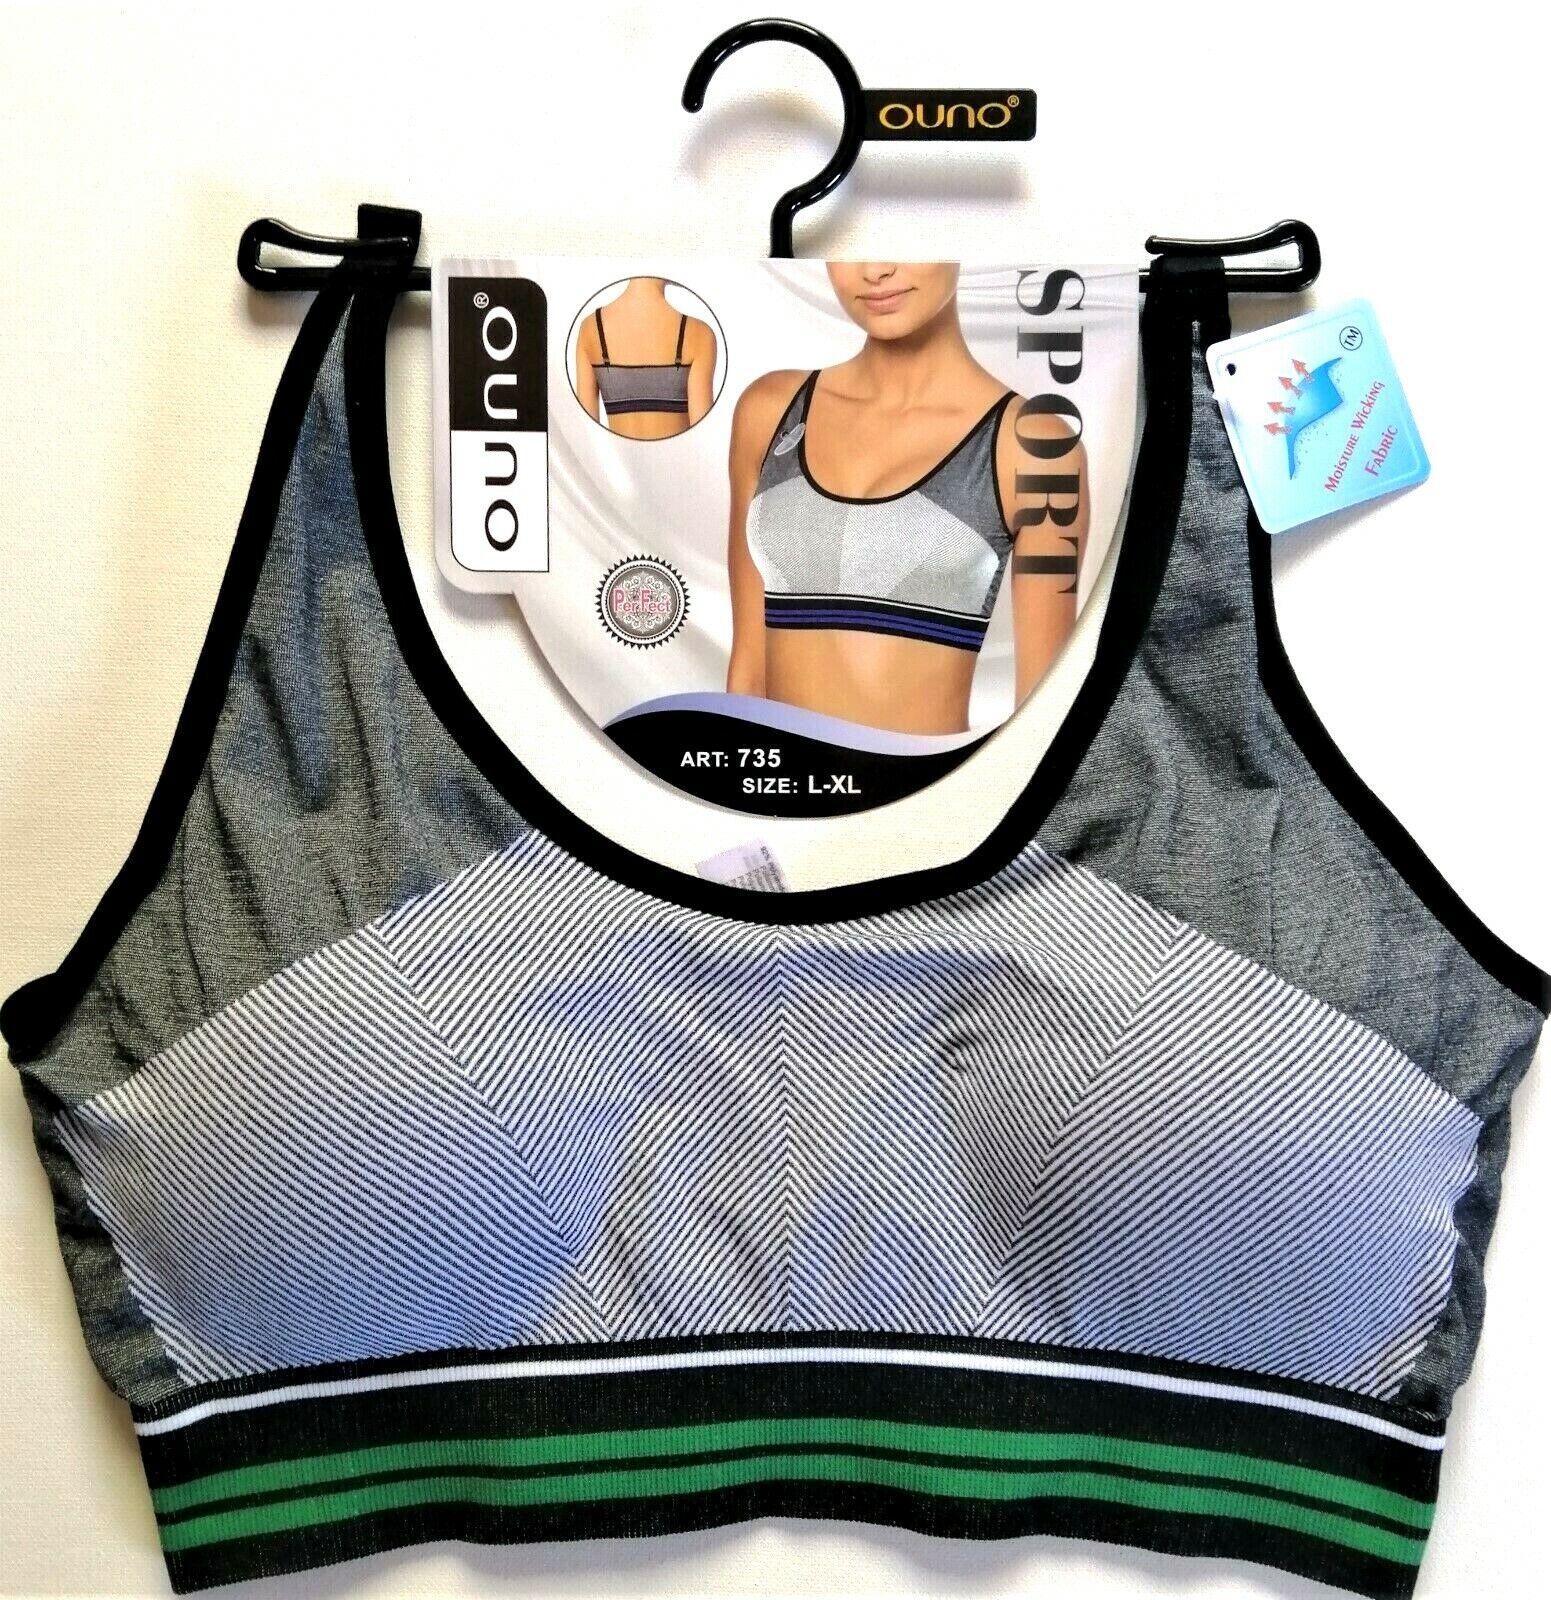 Damen Sport BH.Soft-Einlage.Fitness Bustier.Dessous.Gr.:S/M;L/XL